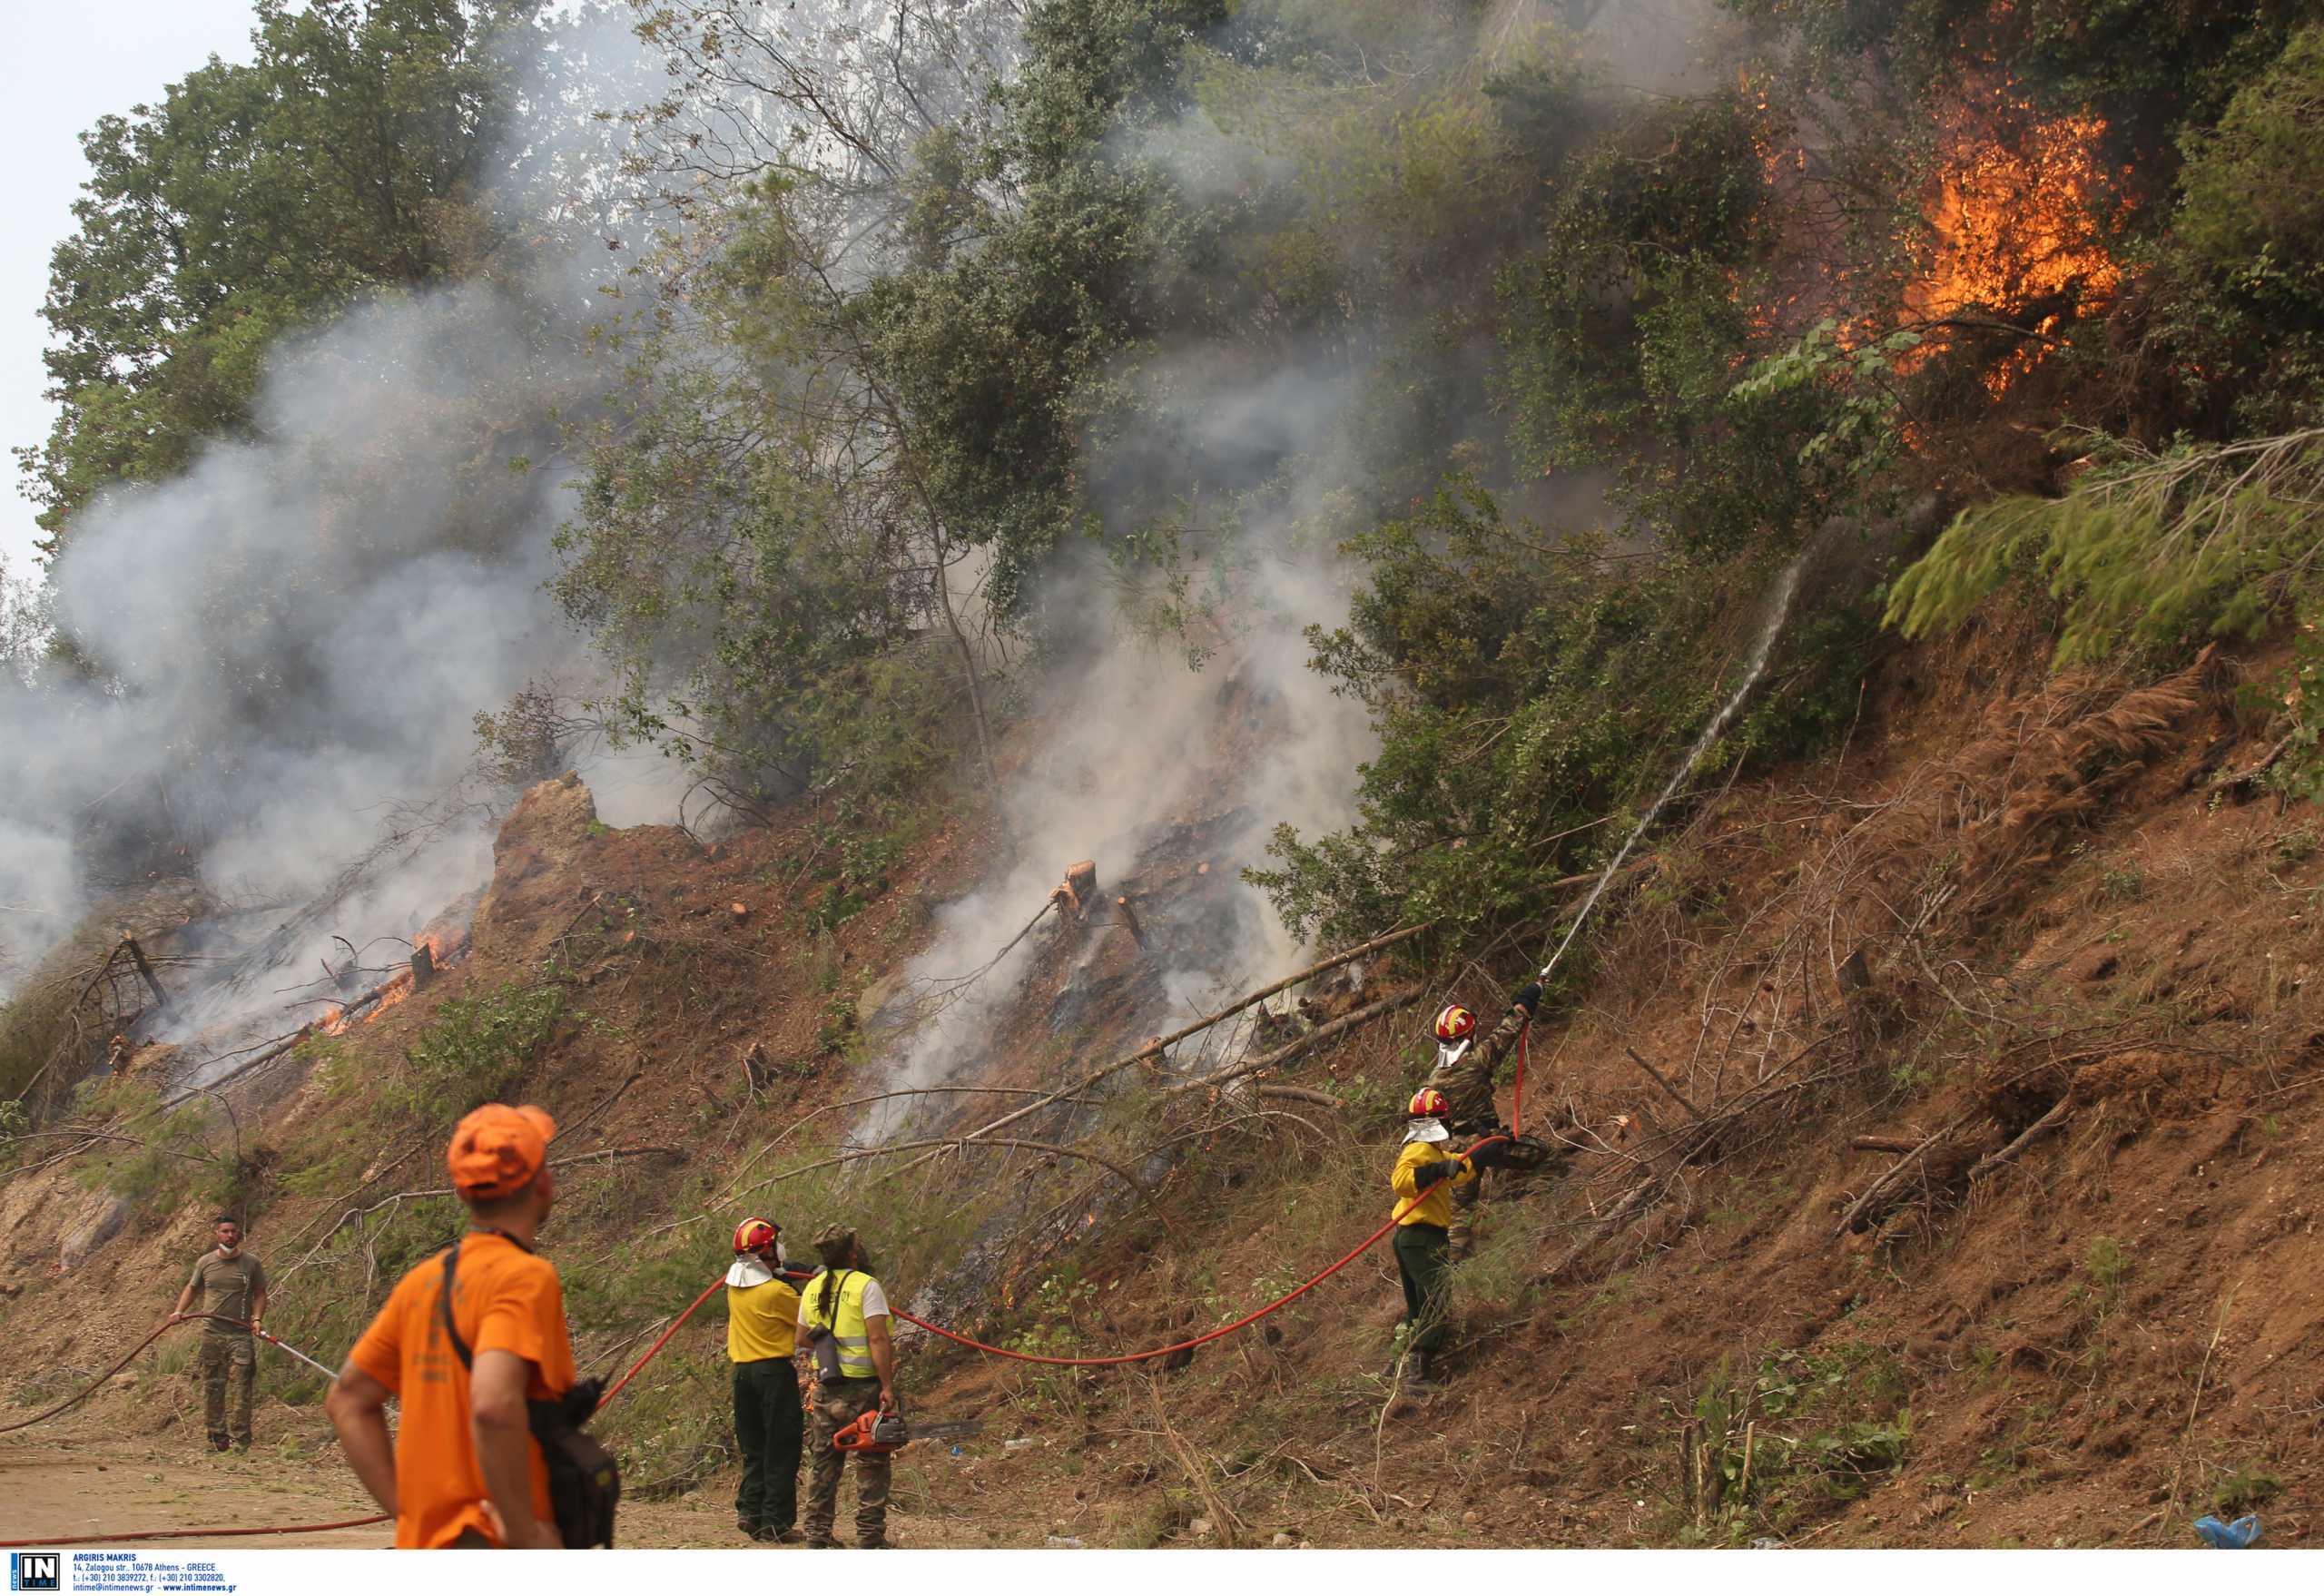 Εκκλήσεις για εναέρια μέσα στην Εύβοια – Επιστρέφει η φωτιά να κάψει ό,τι απέμεινε